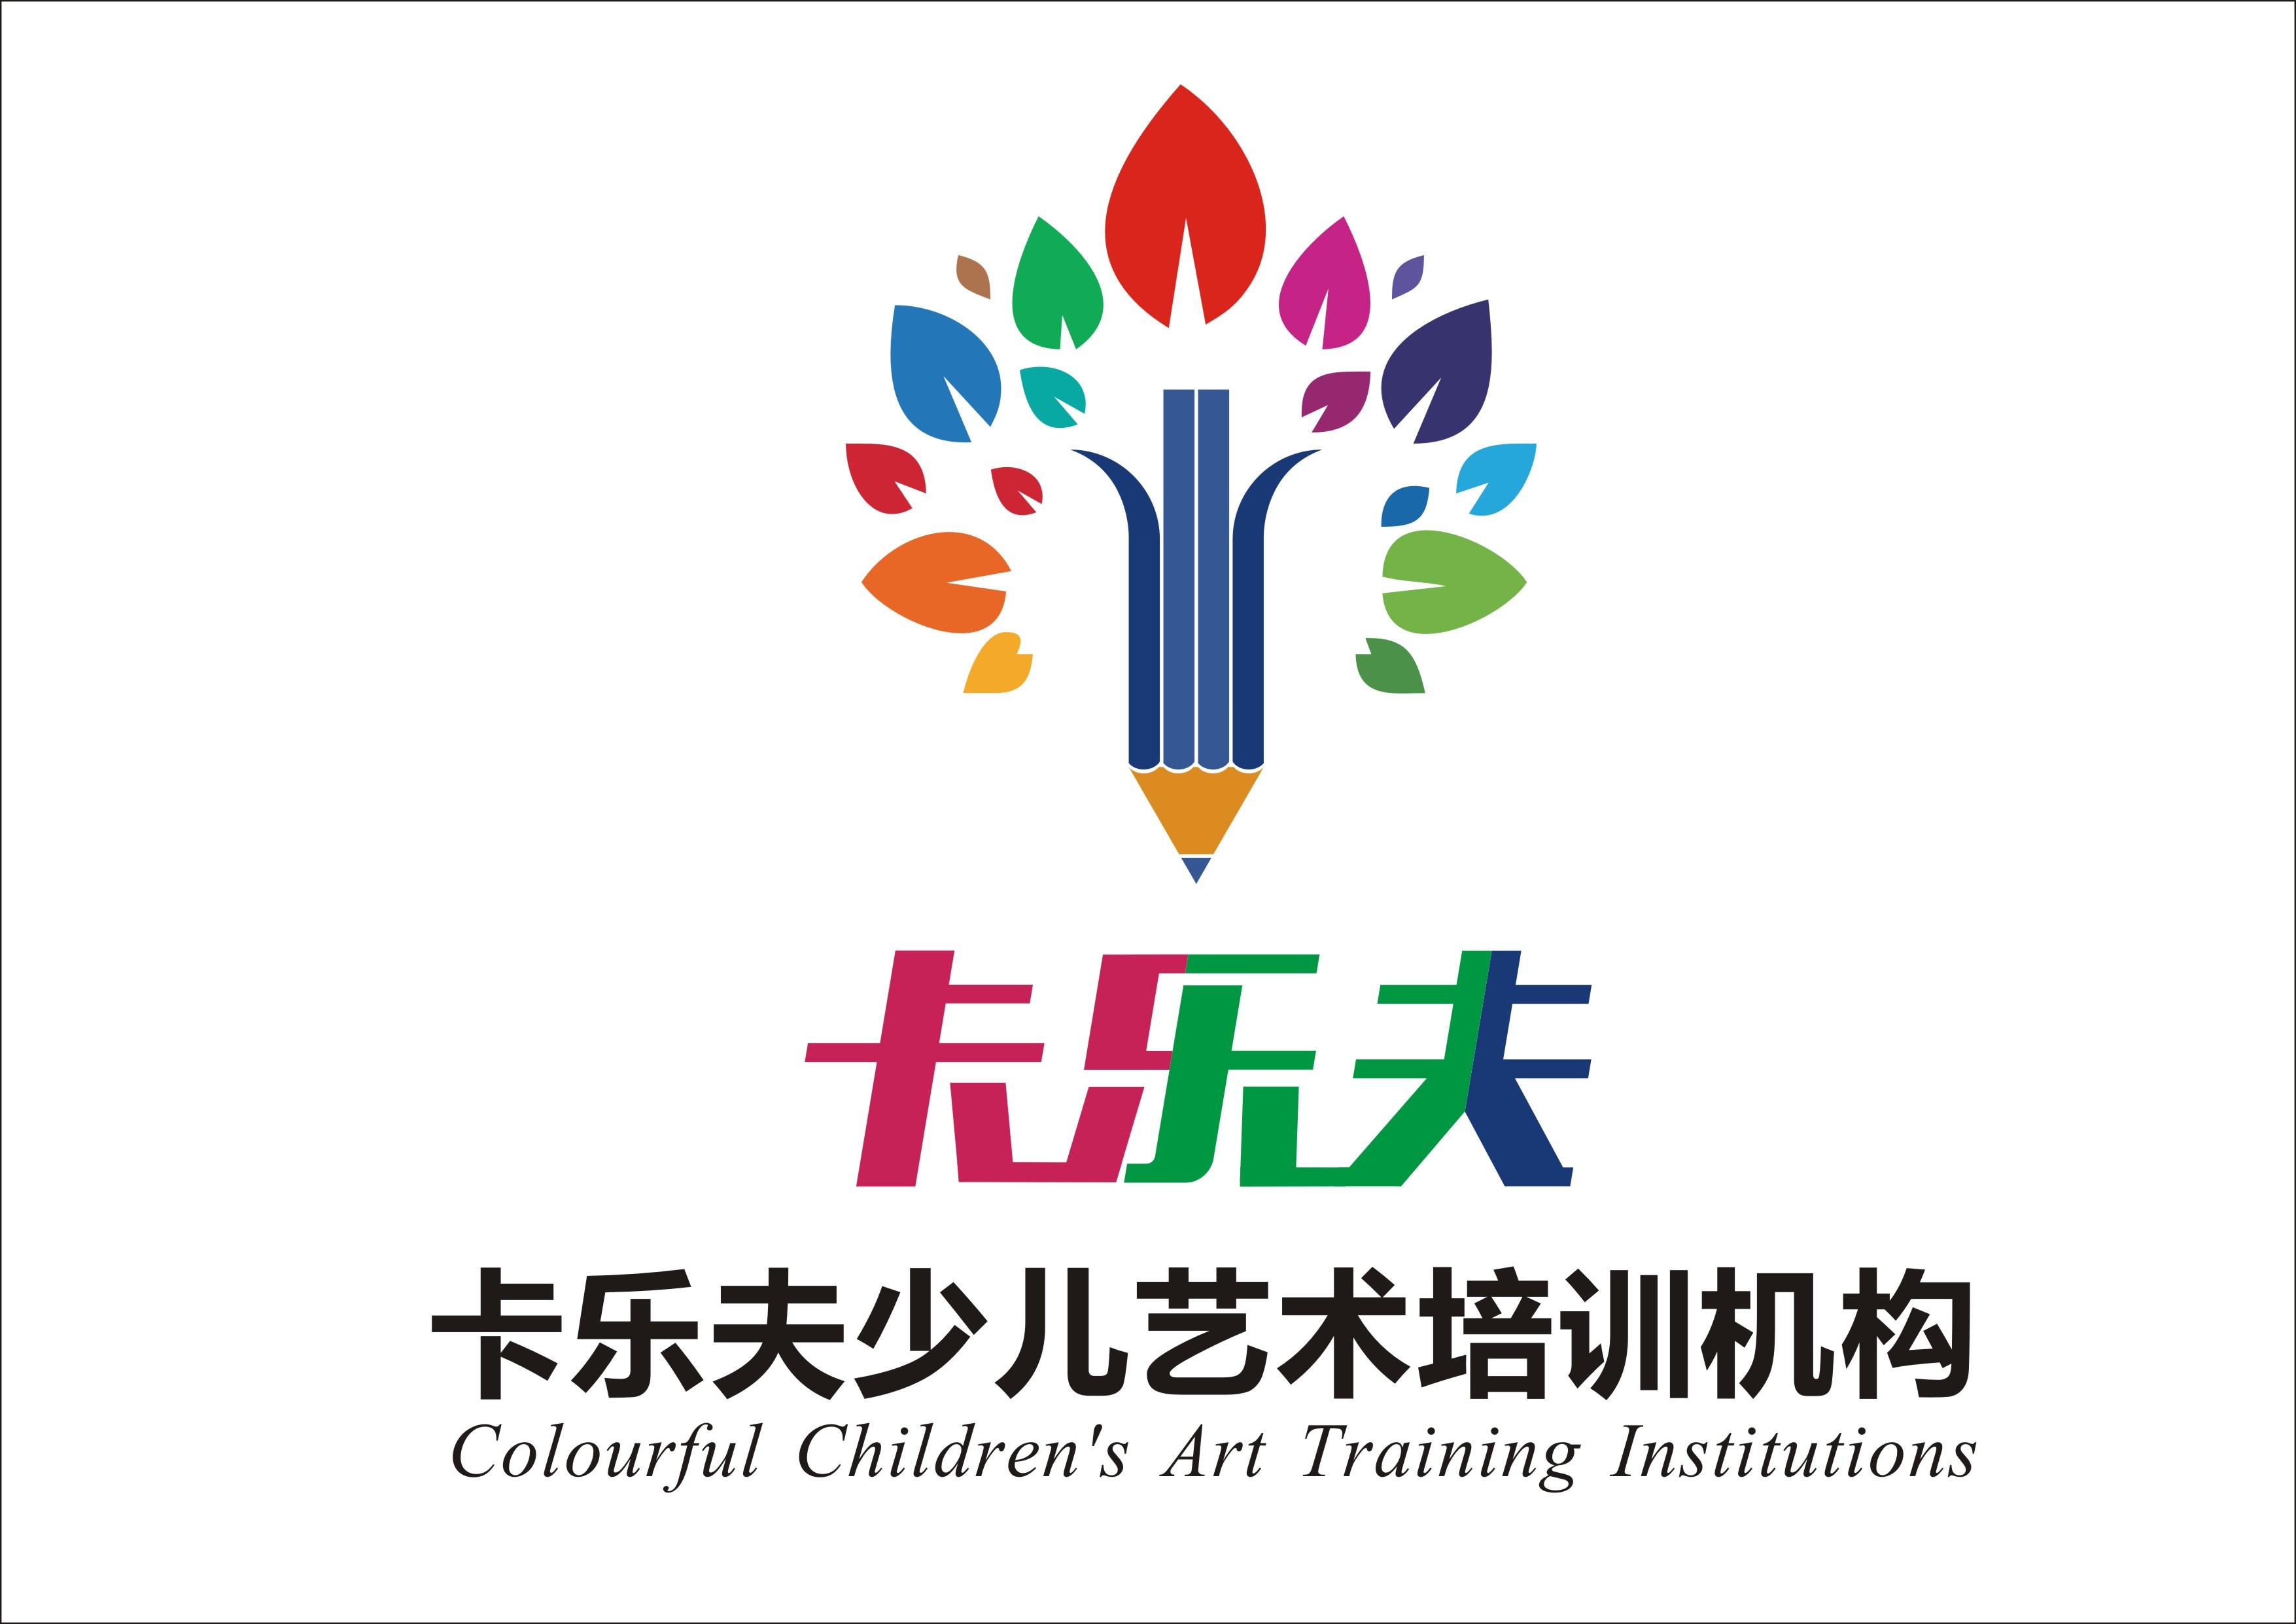 这是一个实际项目,一个朋友筹划在西安开设一家少儿美术培训机构,目前图片